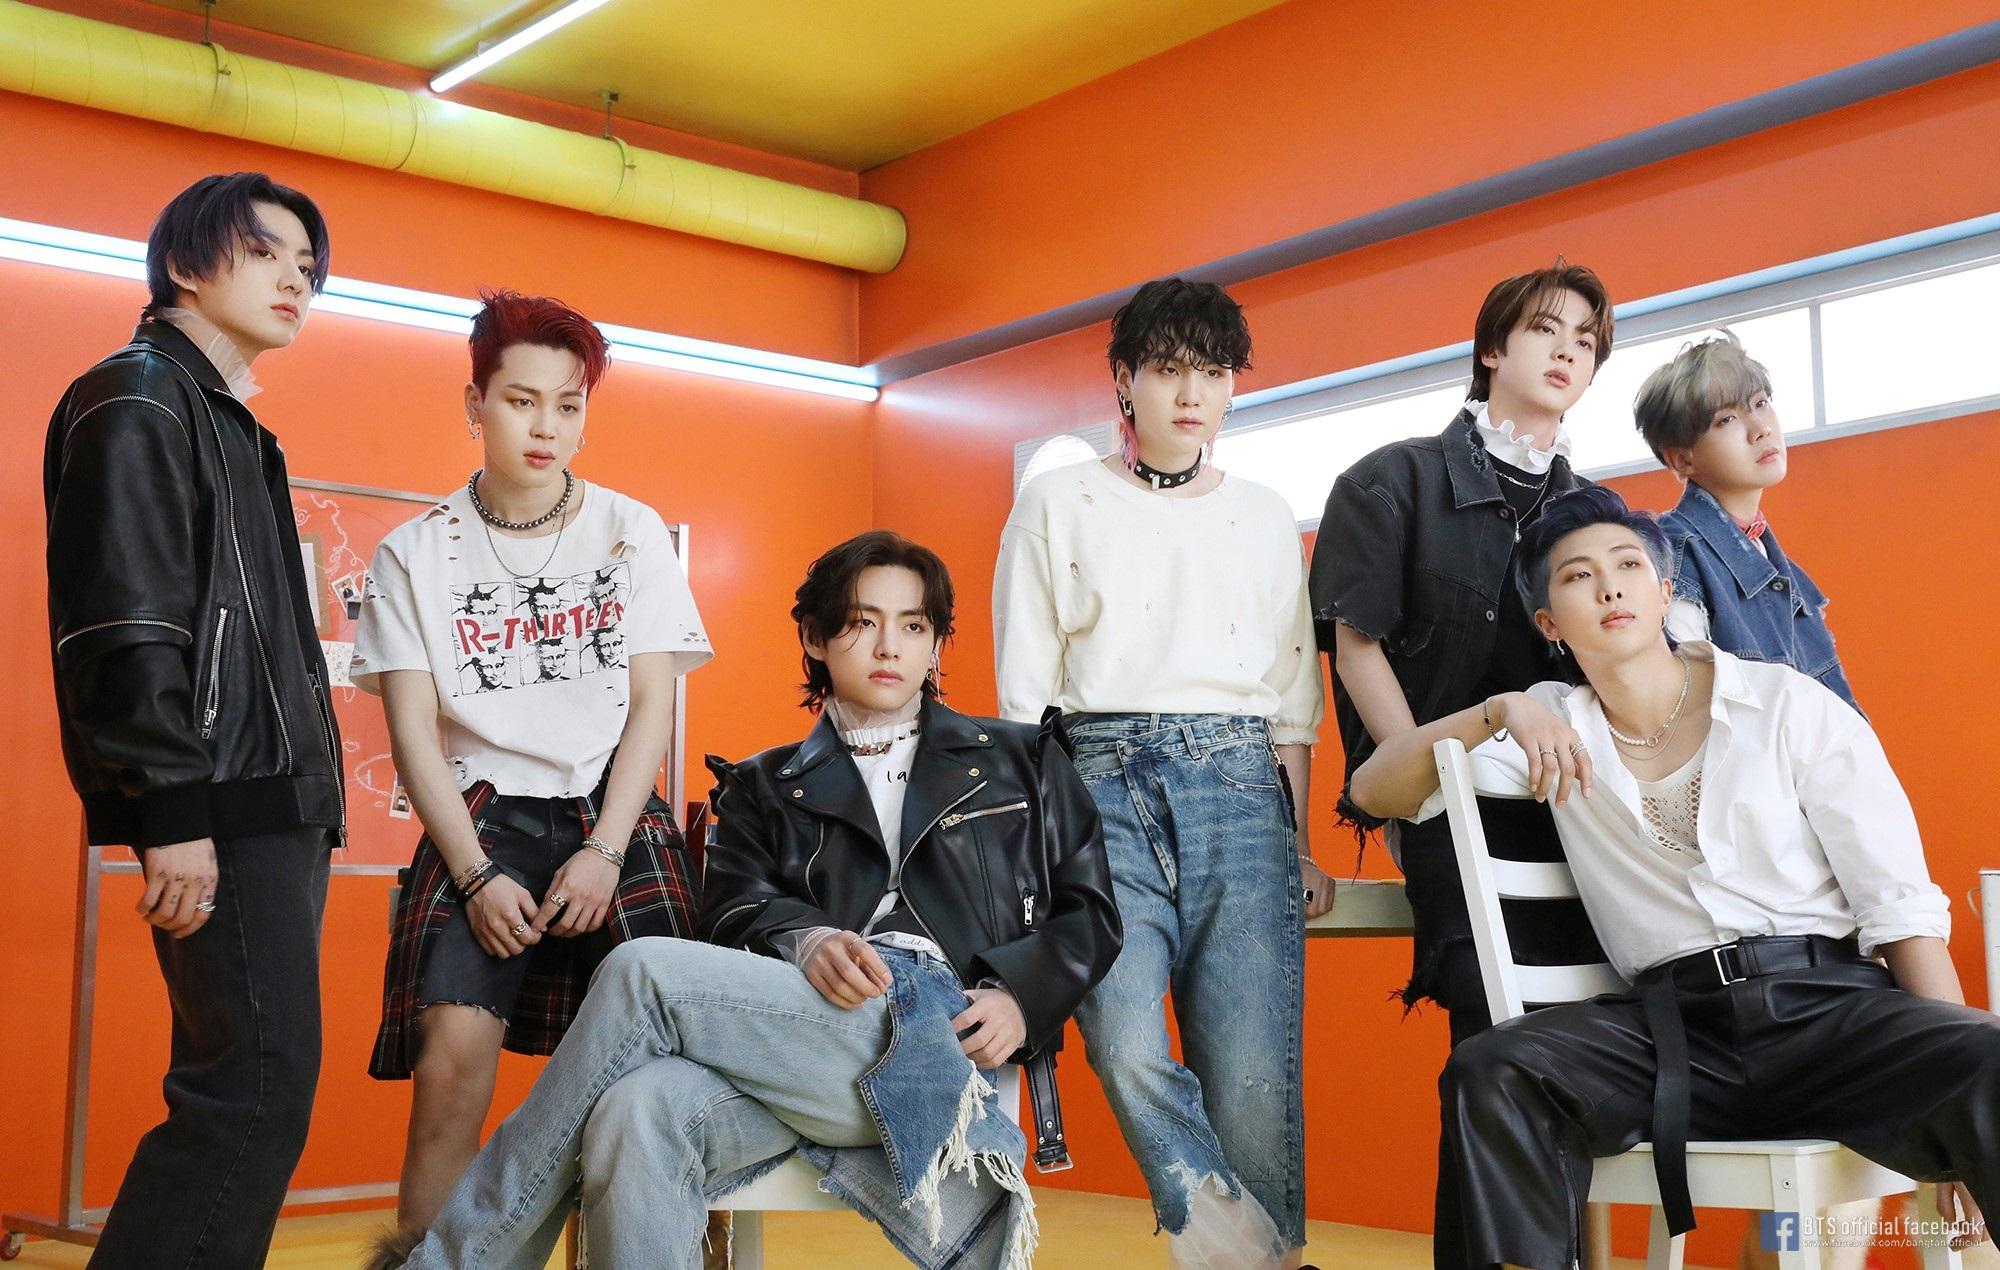 BTS và Teayeon (SNSD) ai sẽ giữ vị trí top 1 trên bảng xếp hạng âm nhạc trong mùa hè này? - Ảnh 9